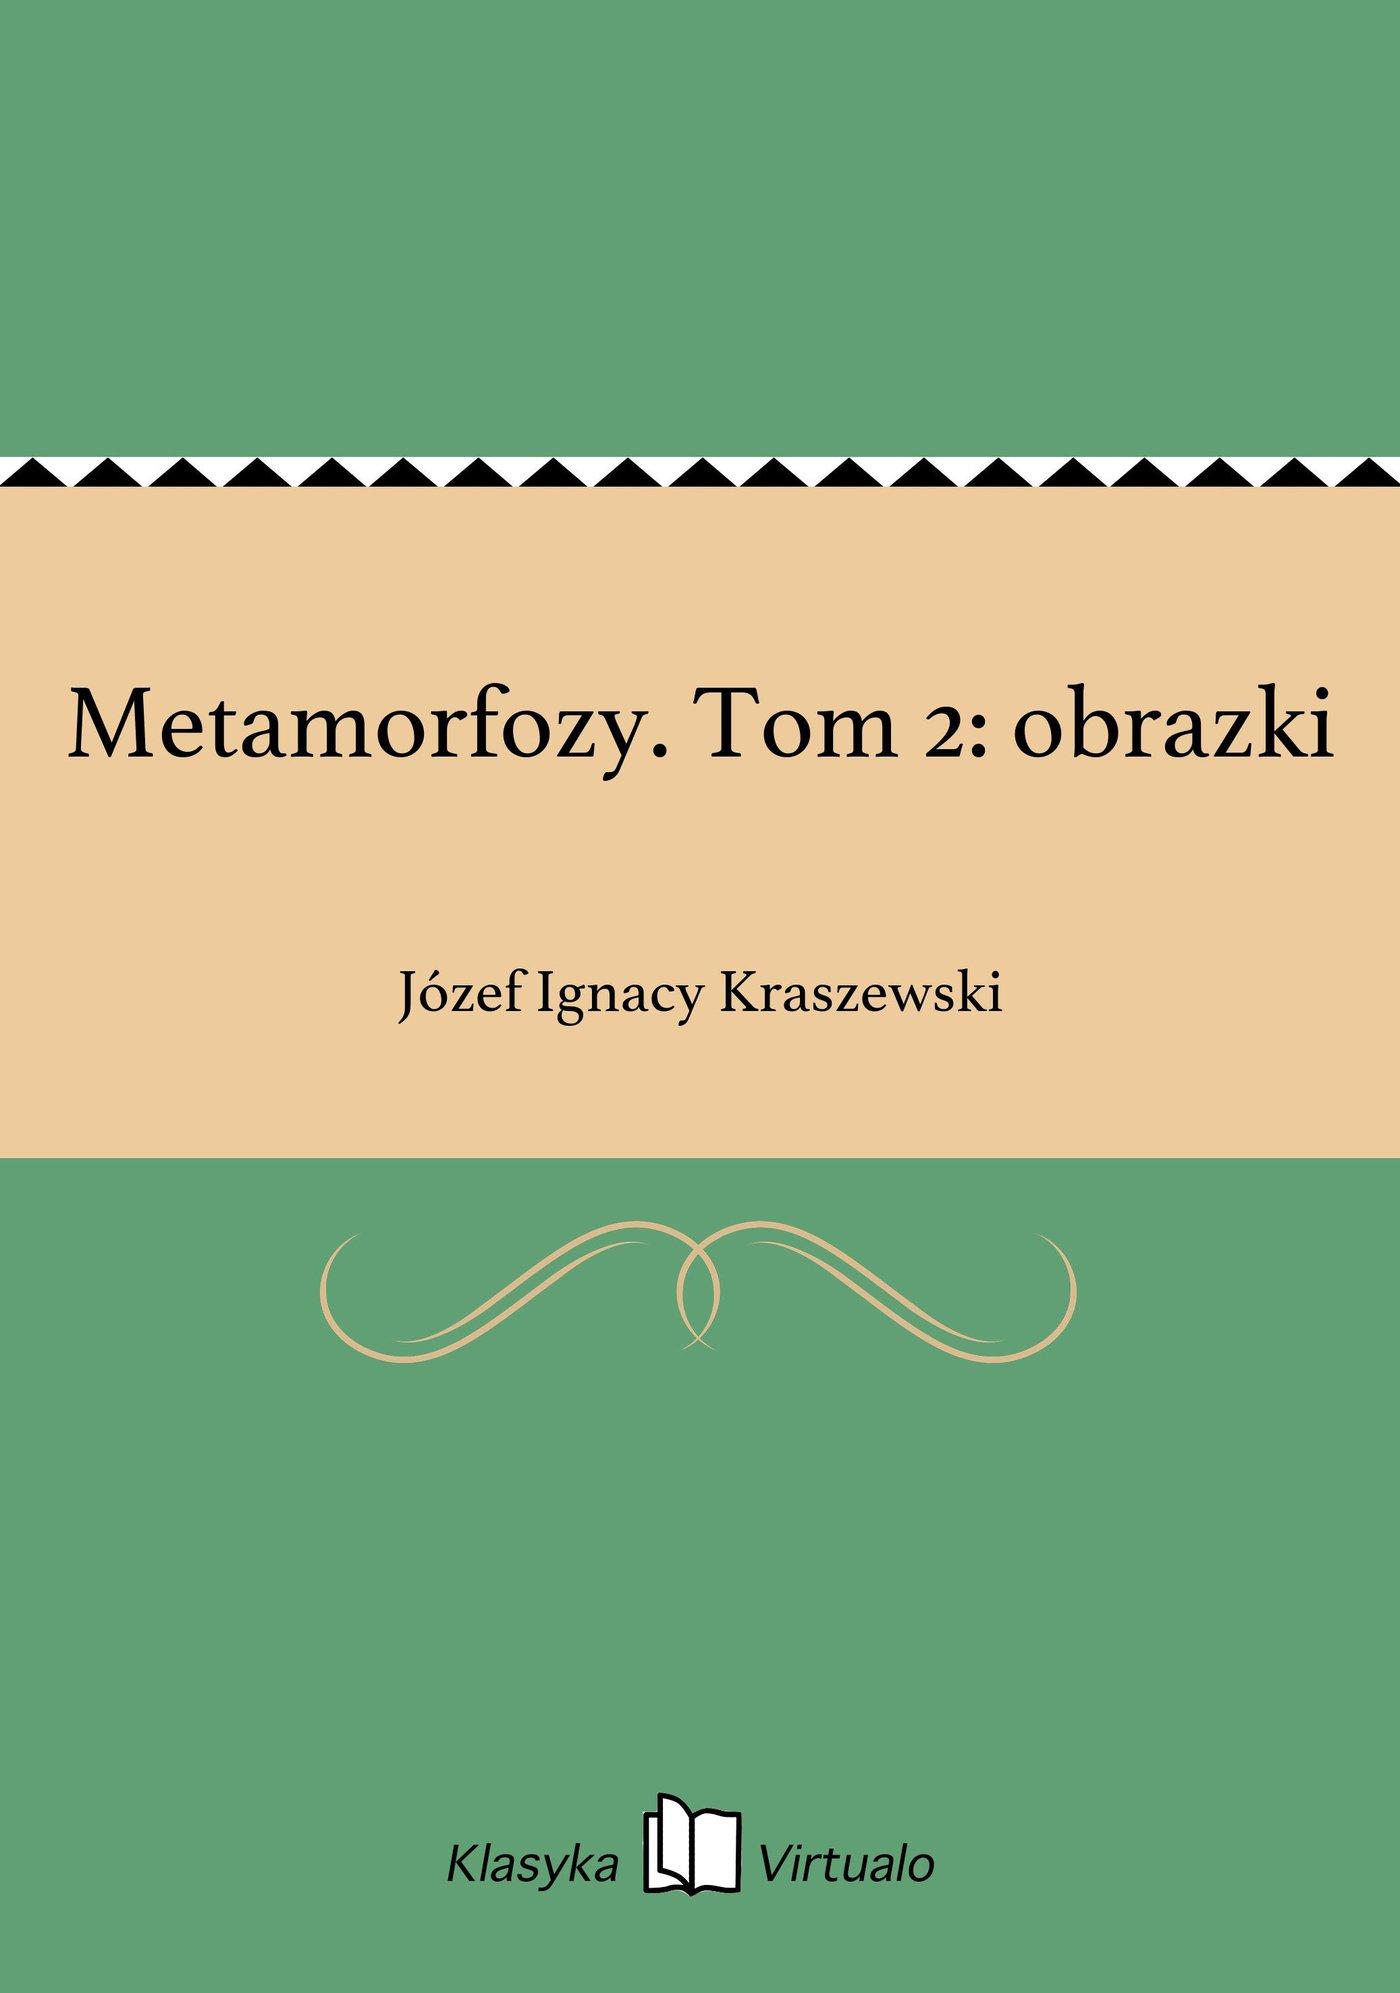 Metamorfozy. Tom 2: obrazki - Ebook (Książka EPUB) do pobrania w formacie EPUB